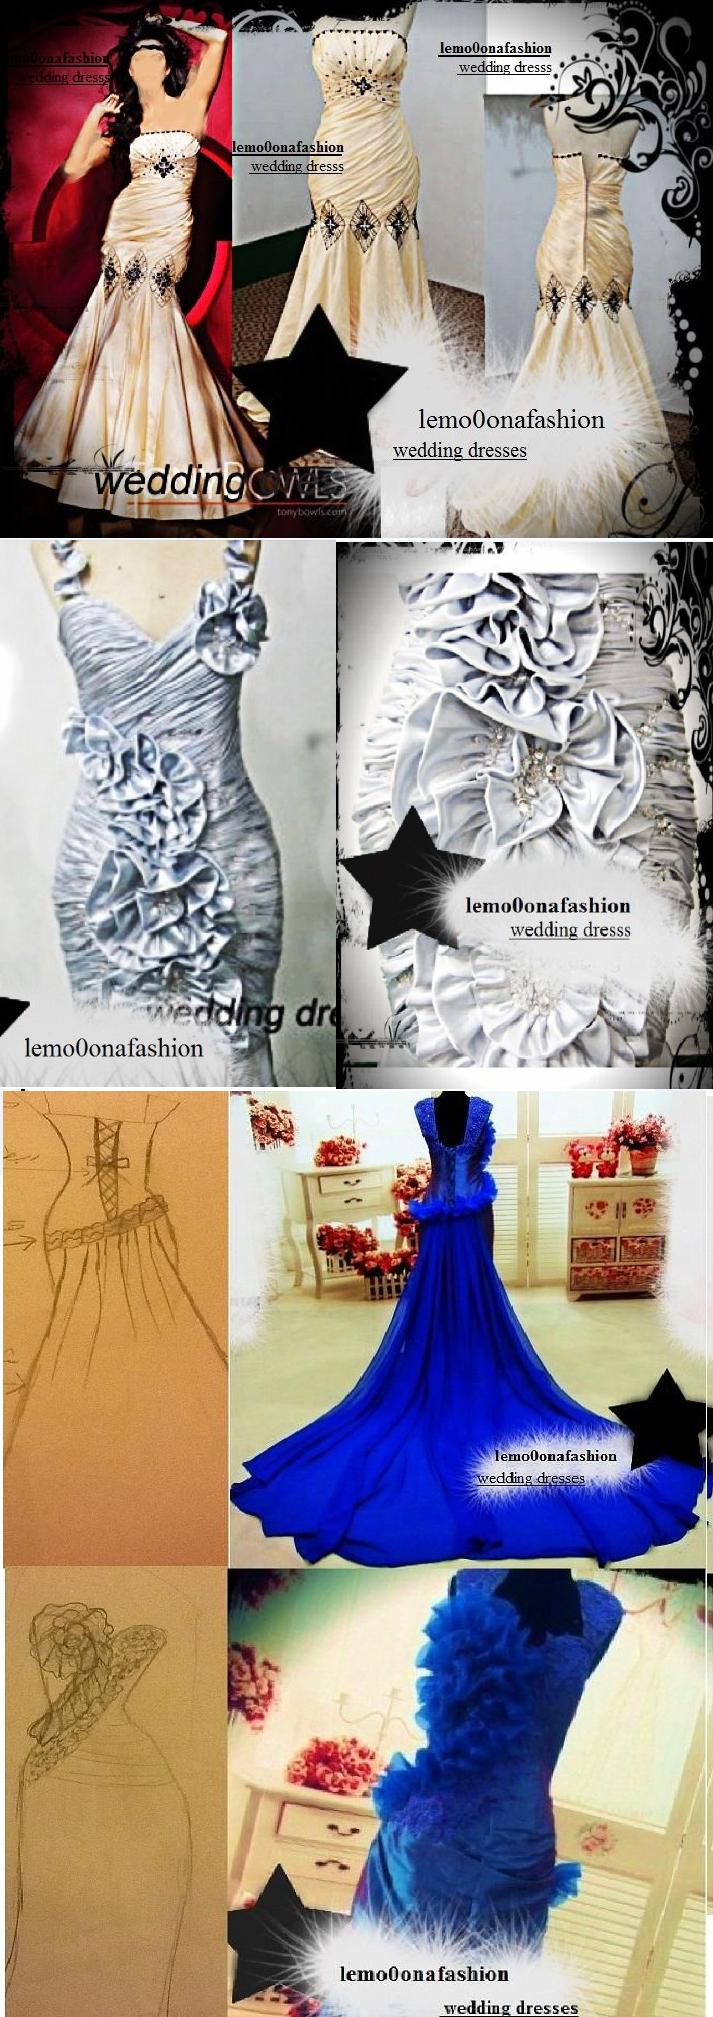 امتلكي فستان زفافك باسعار تتفاوت من 1500 الى 2600ريال +صور لفساتين تم تنفيذها